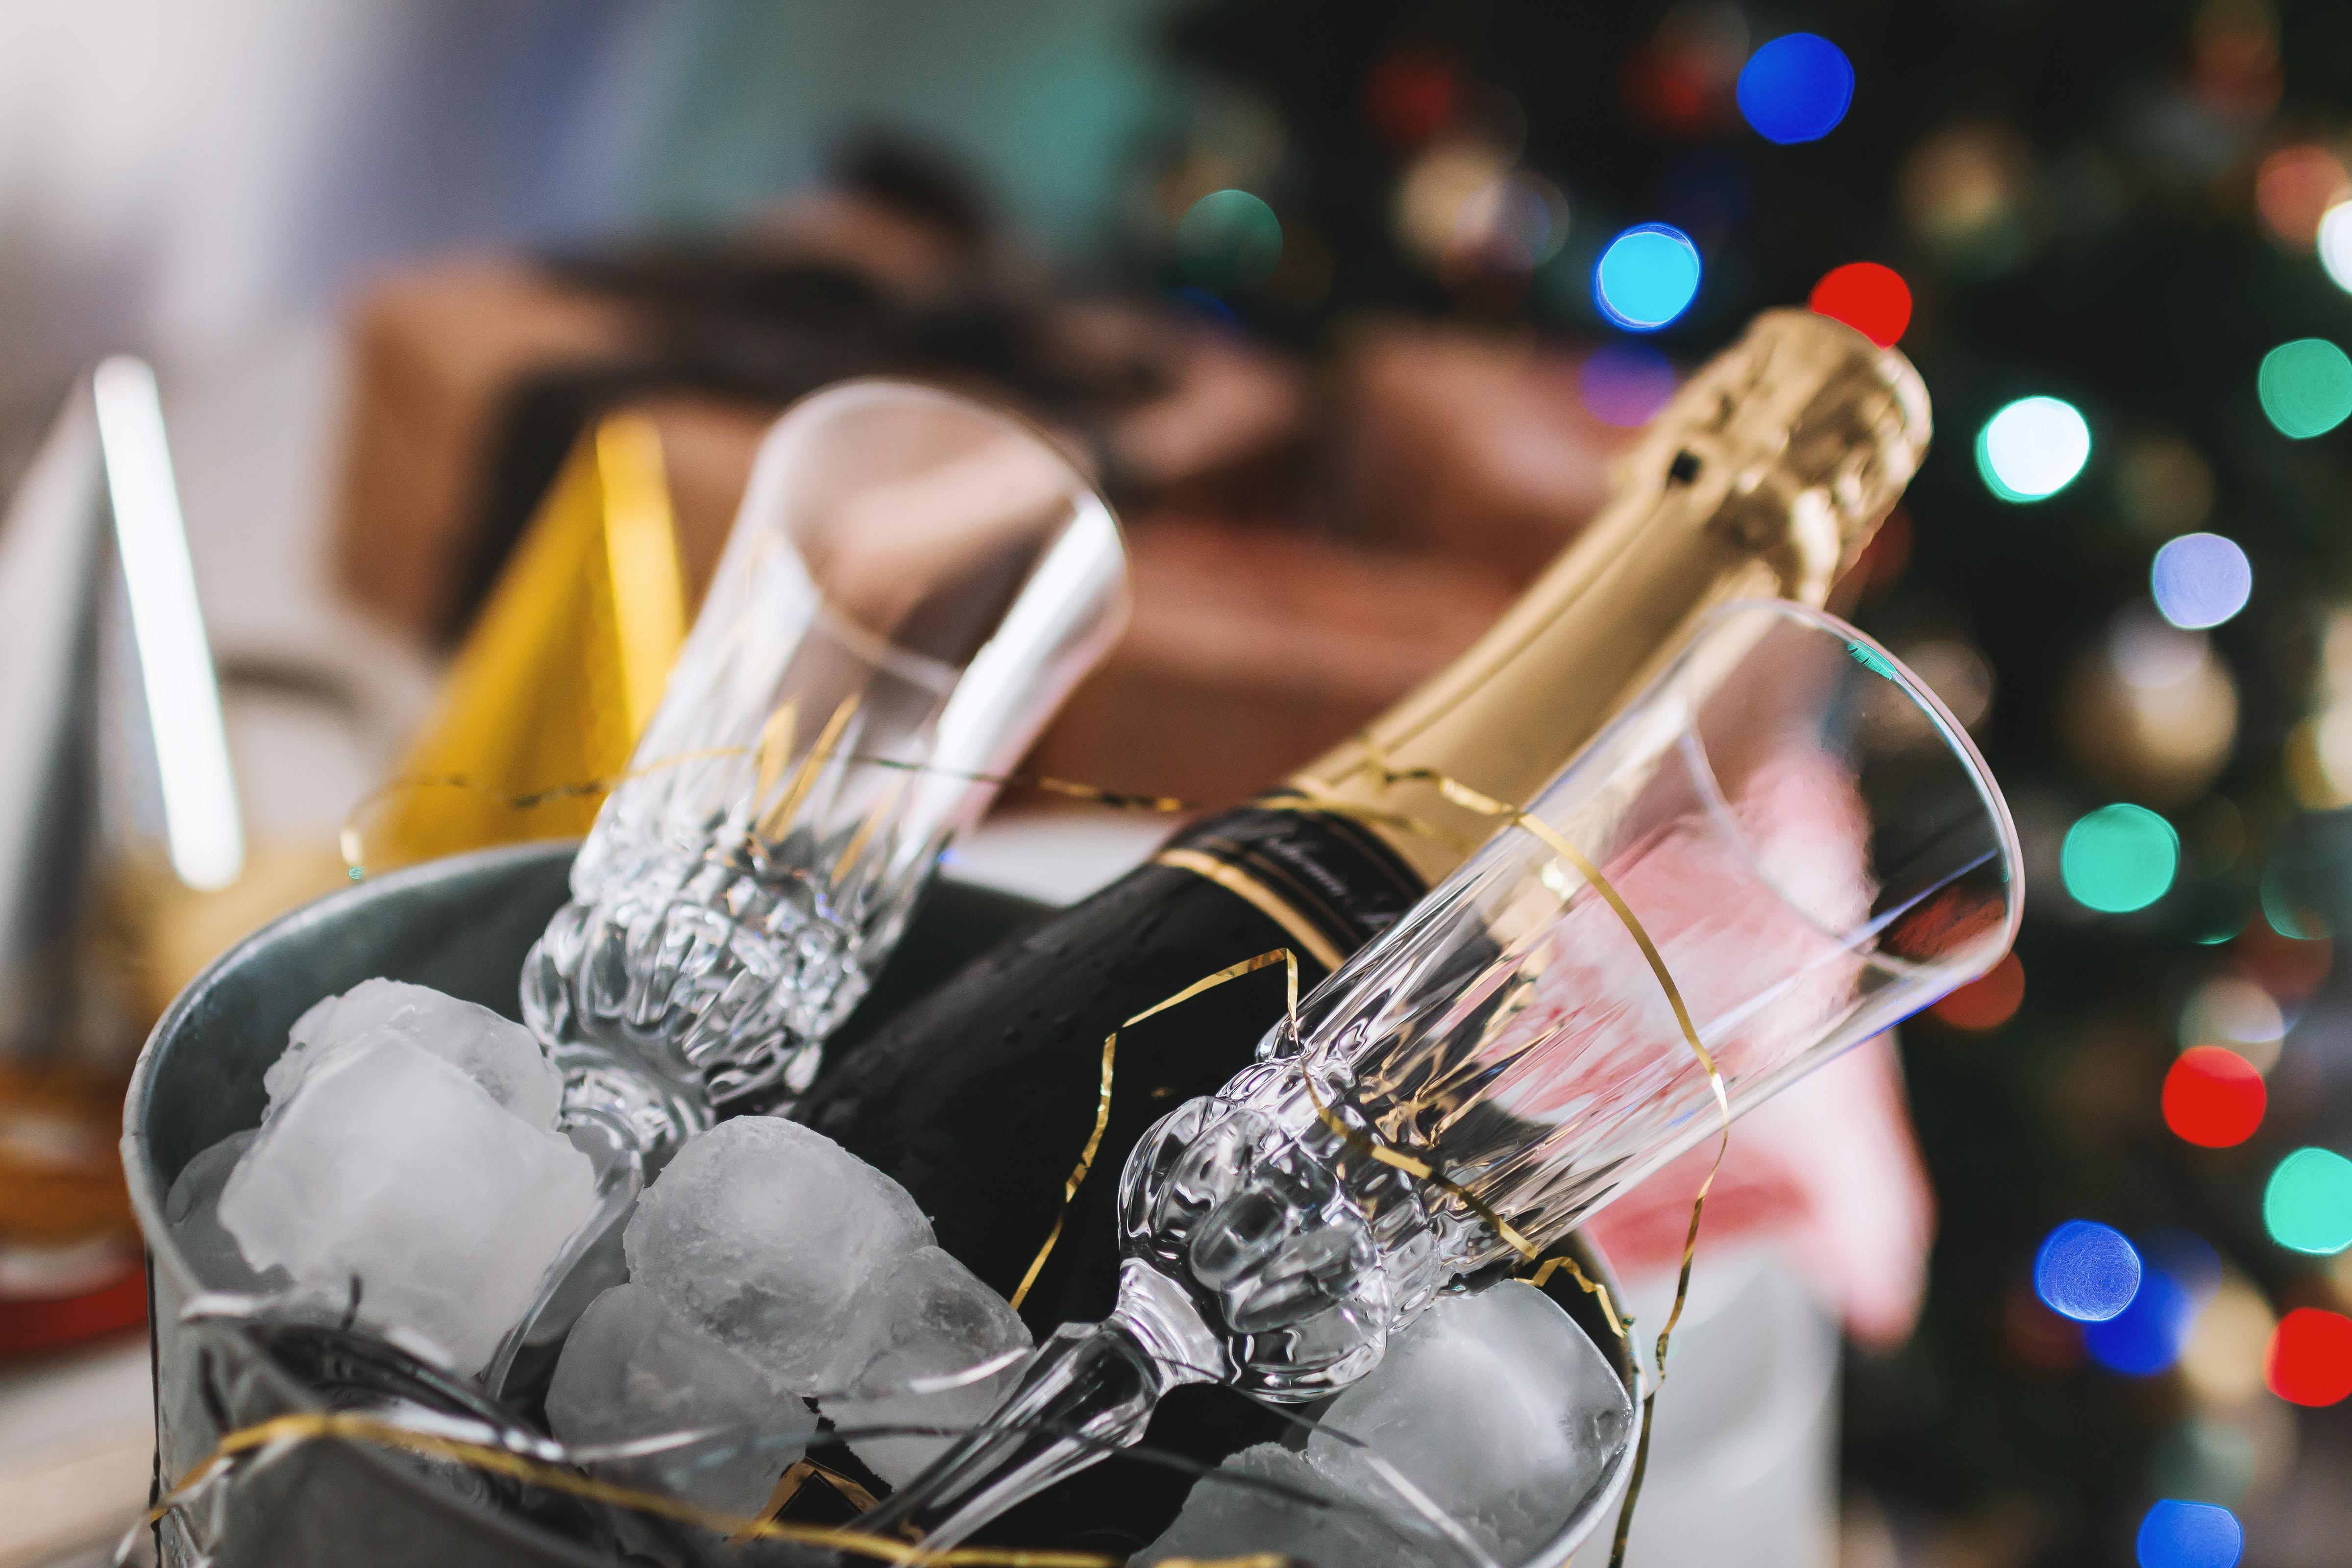 ברכת חג אישית לראש השנה- מכון 'שיטים'